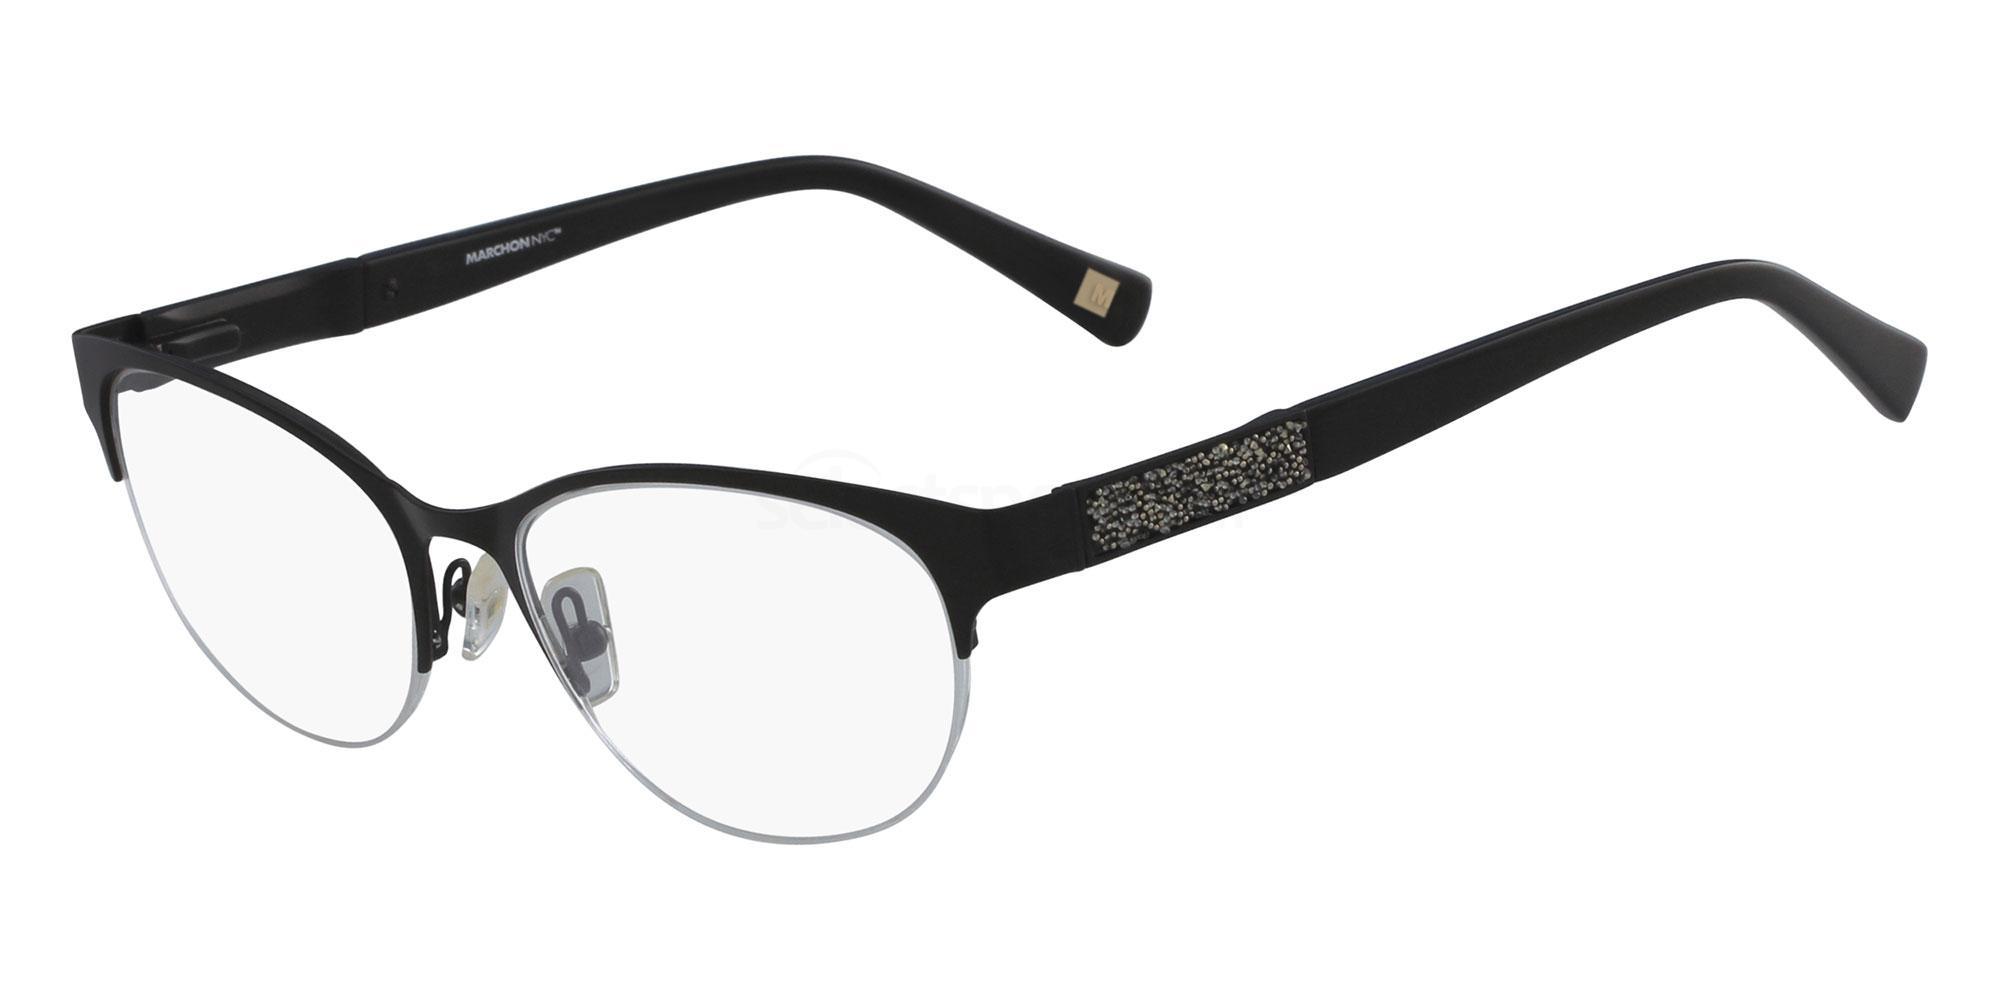 001 M-4001 Glasses, Marchon